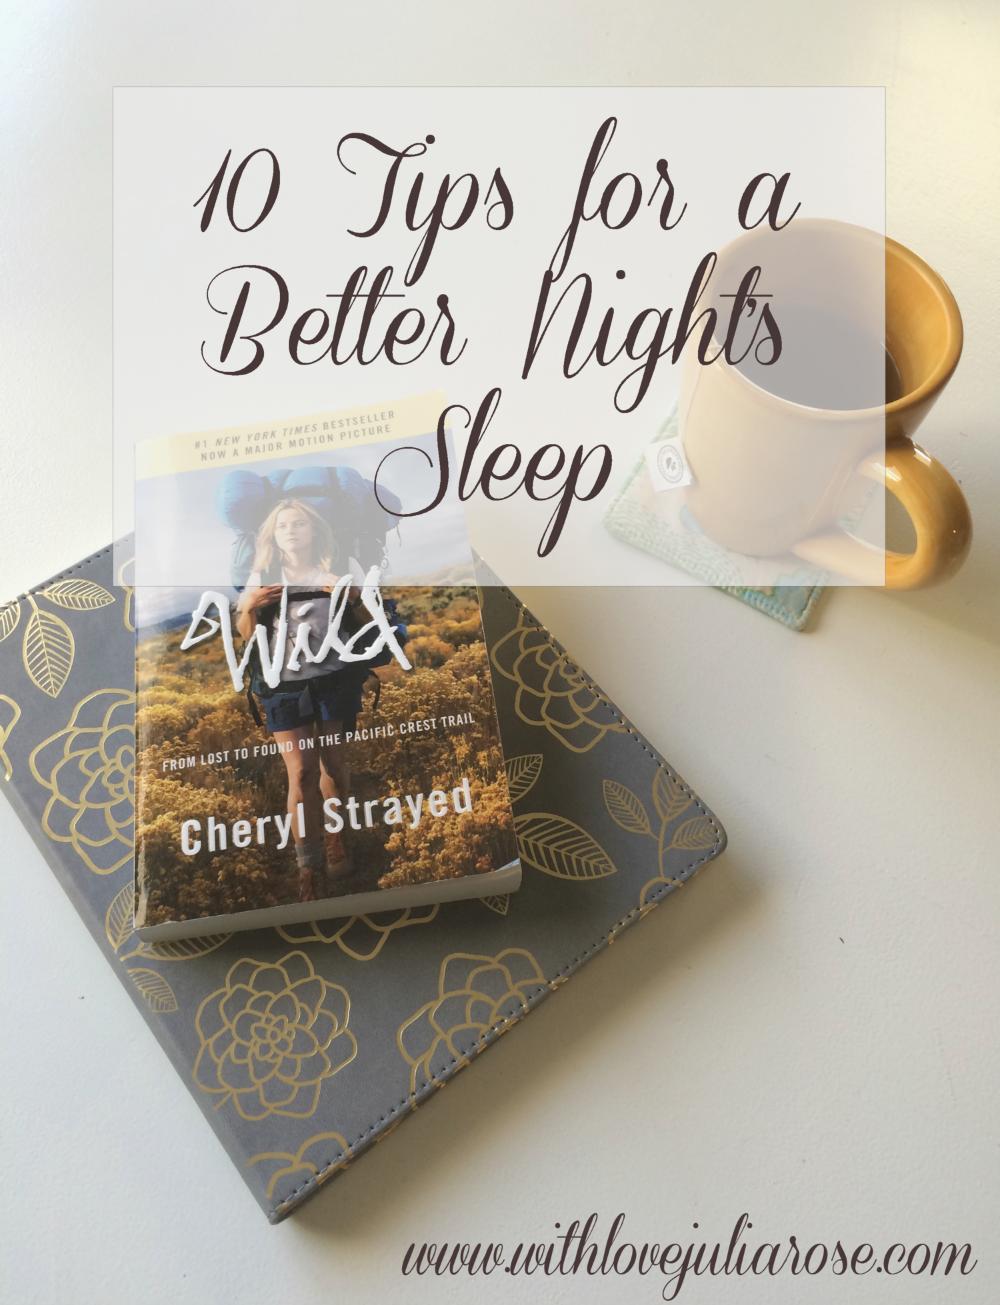 10tipsforSleep